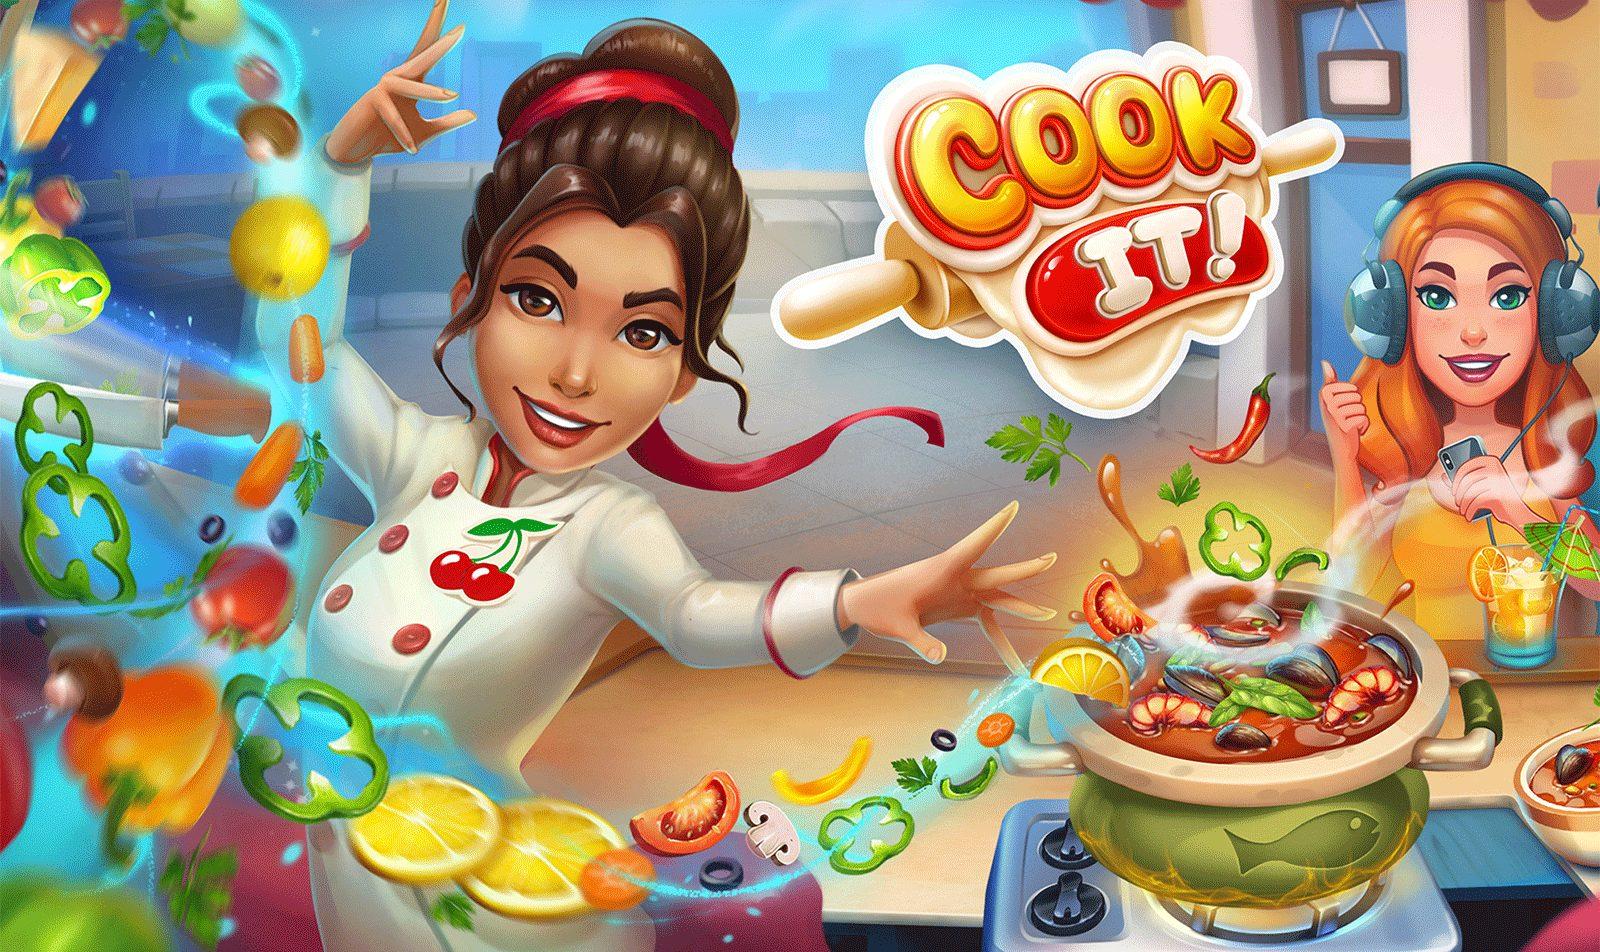 cook it mod apk